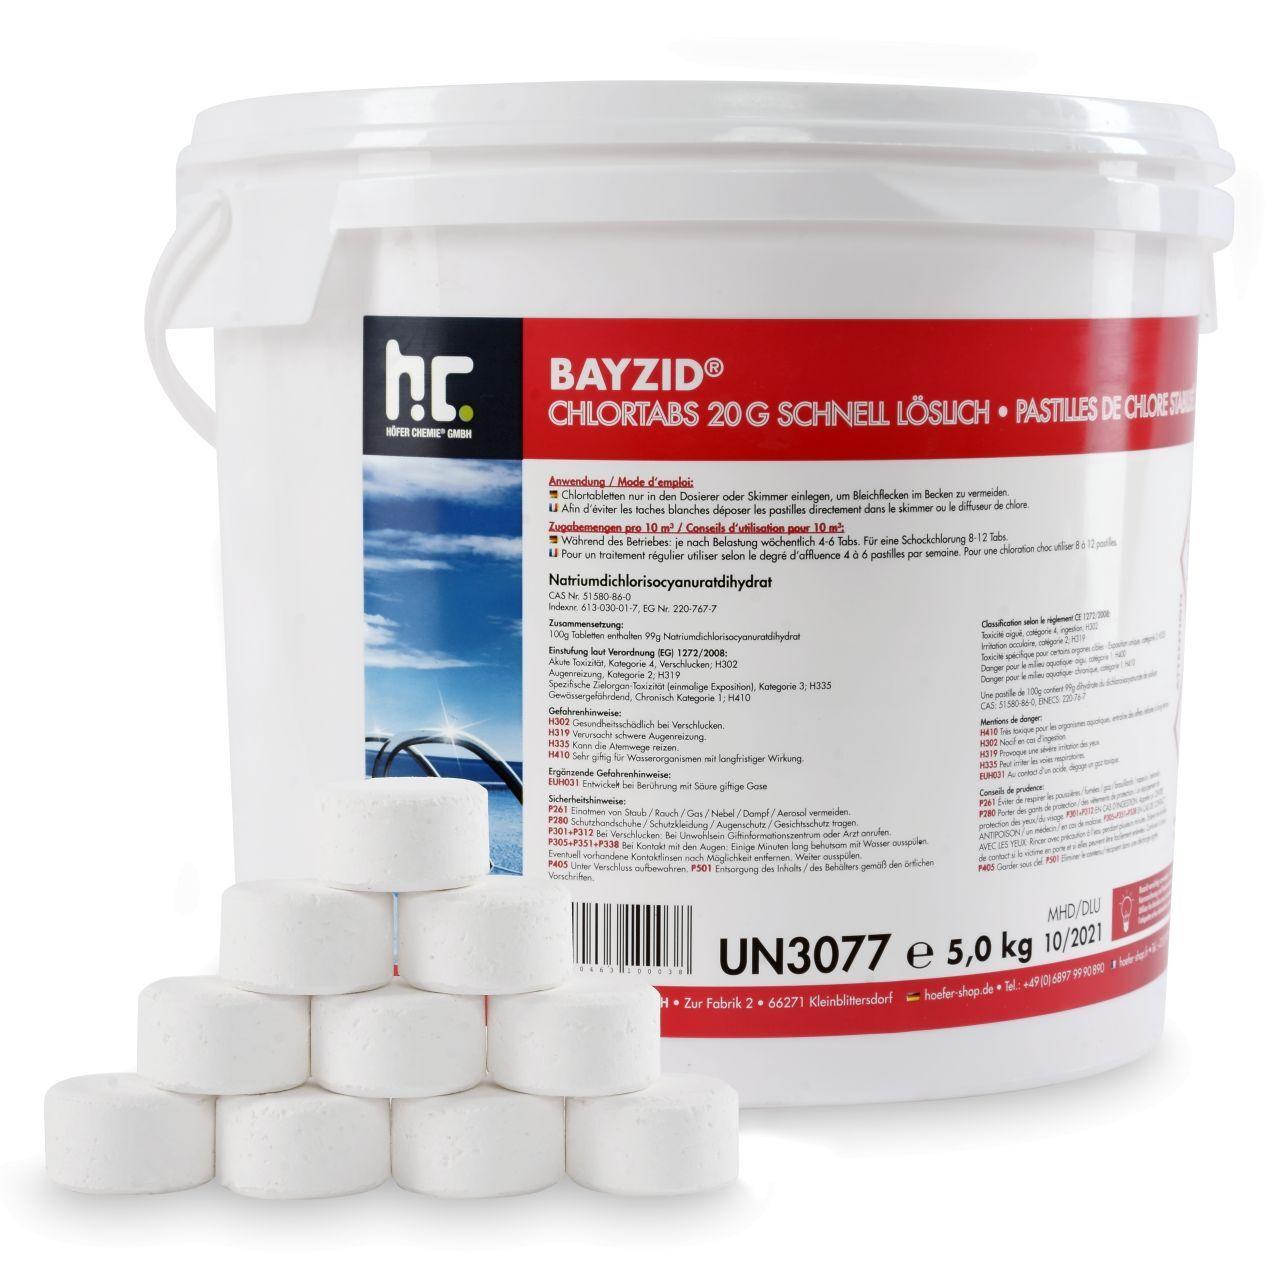 BAYZID 20 kg Bayzid® Pastilles de chlore choc (20g) (4 x 5 kg)